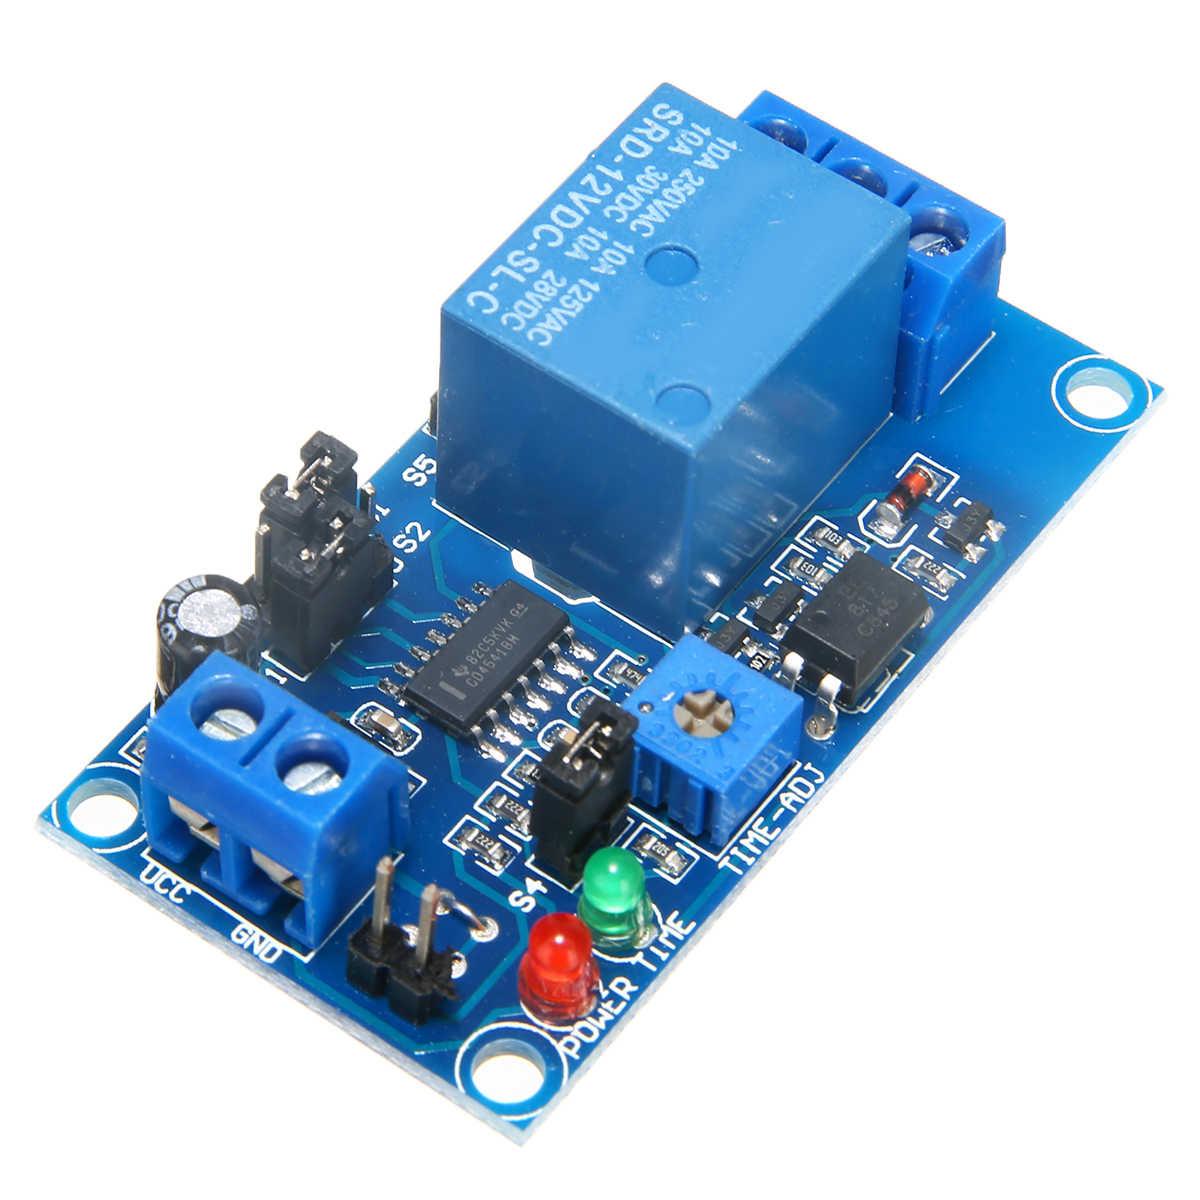 1pc 調整可能な時間リレーモジュール DC 12 12v の時間遅延リレーモジュール回路タイマータイミングボードスイッチトリガ